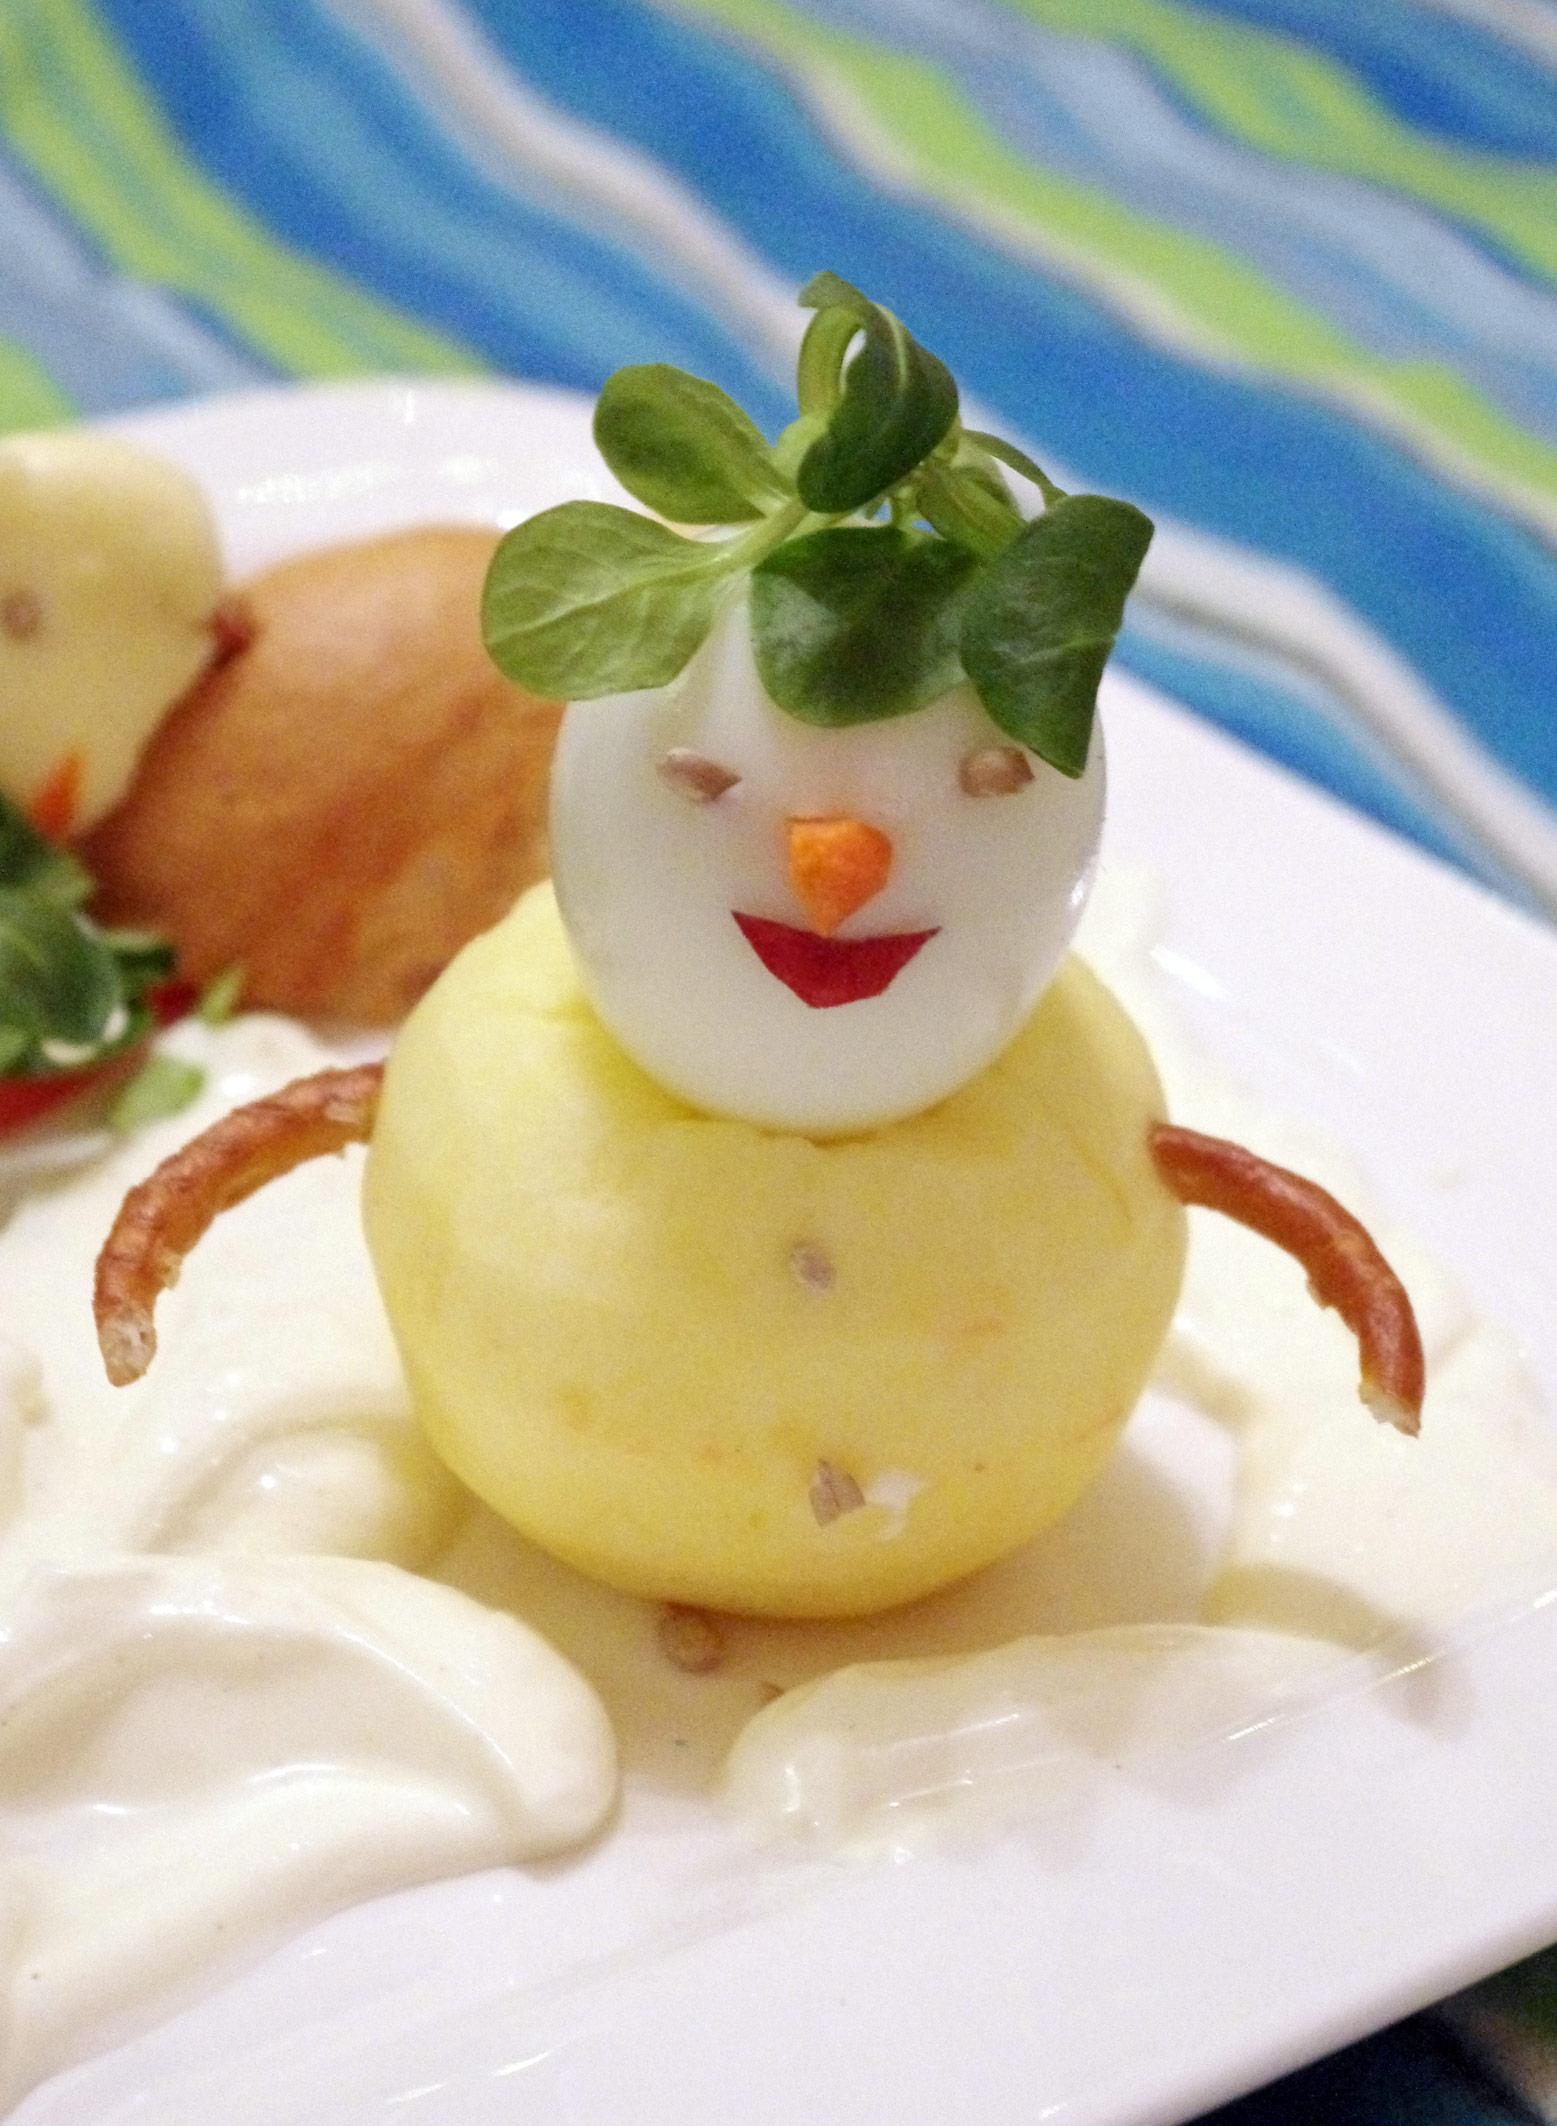 Schneemann aus Apfel, Ei, Feldsalat, Salzbrezel, Karotte und Paprika.